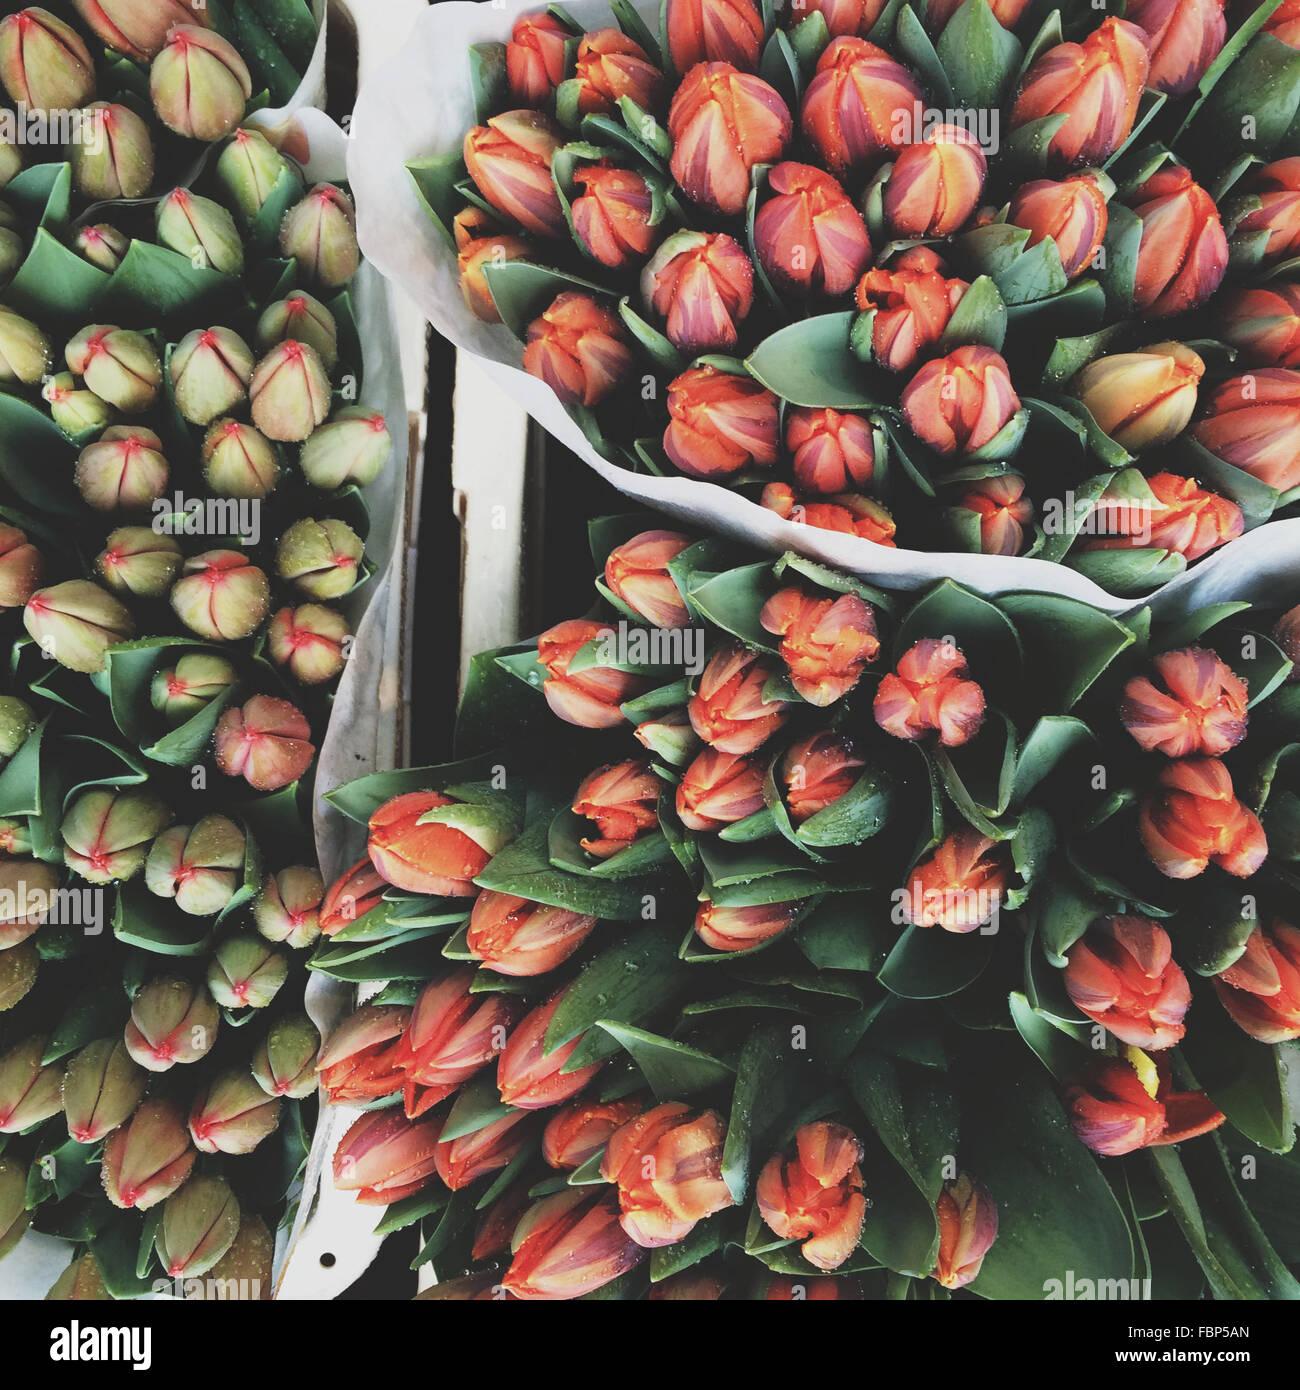 Telaio completo colpo di boccioli di fiori per la vendita nel mercato Immagini Stock